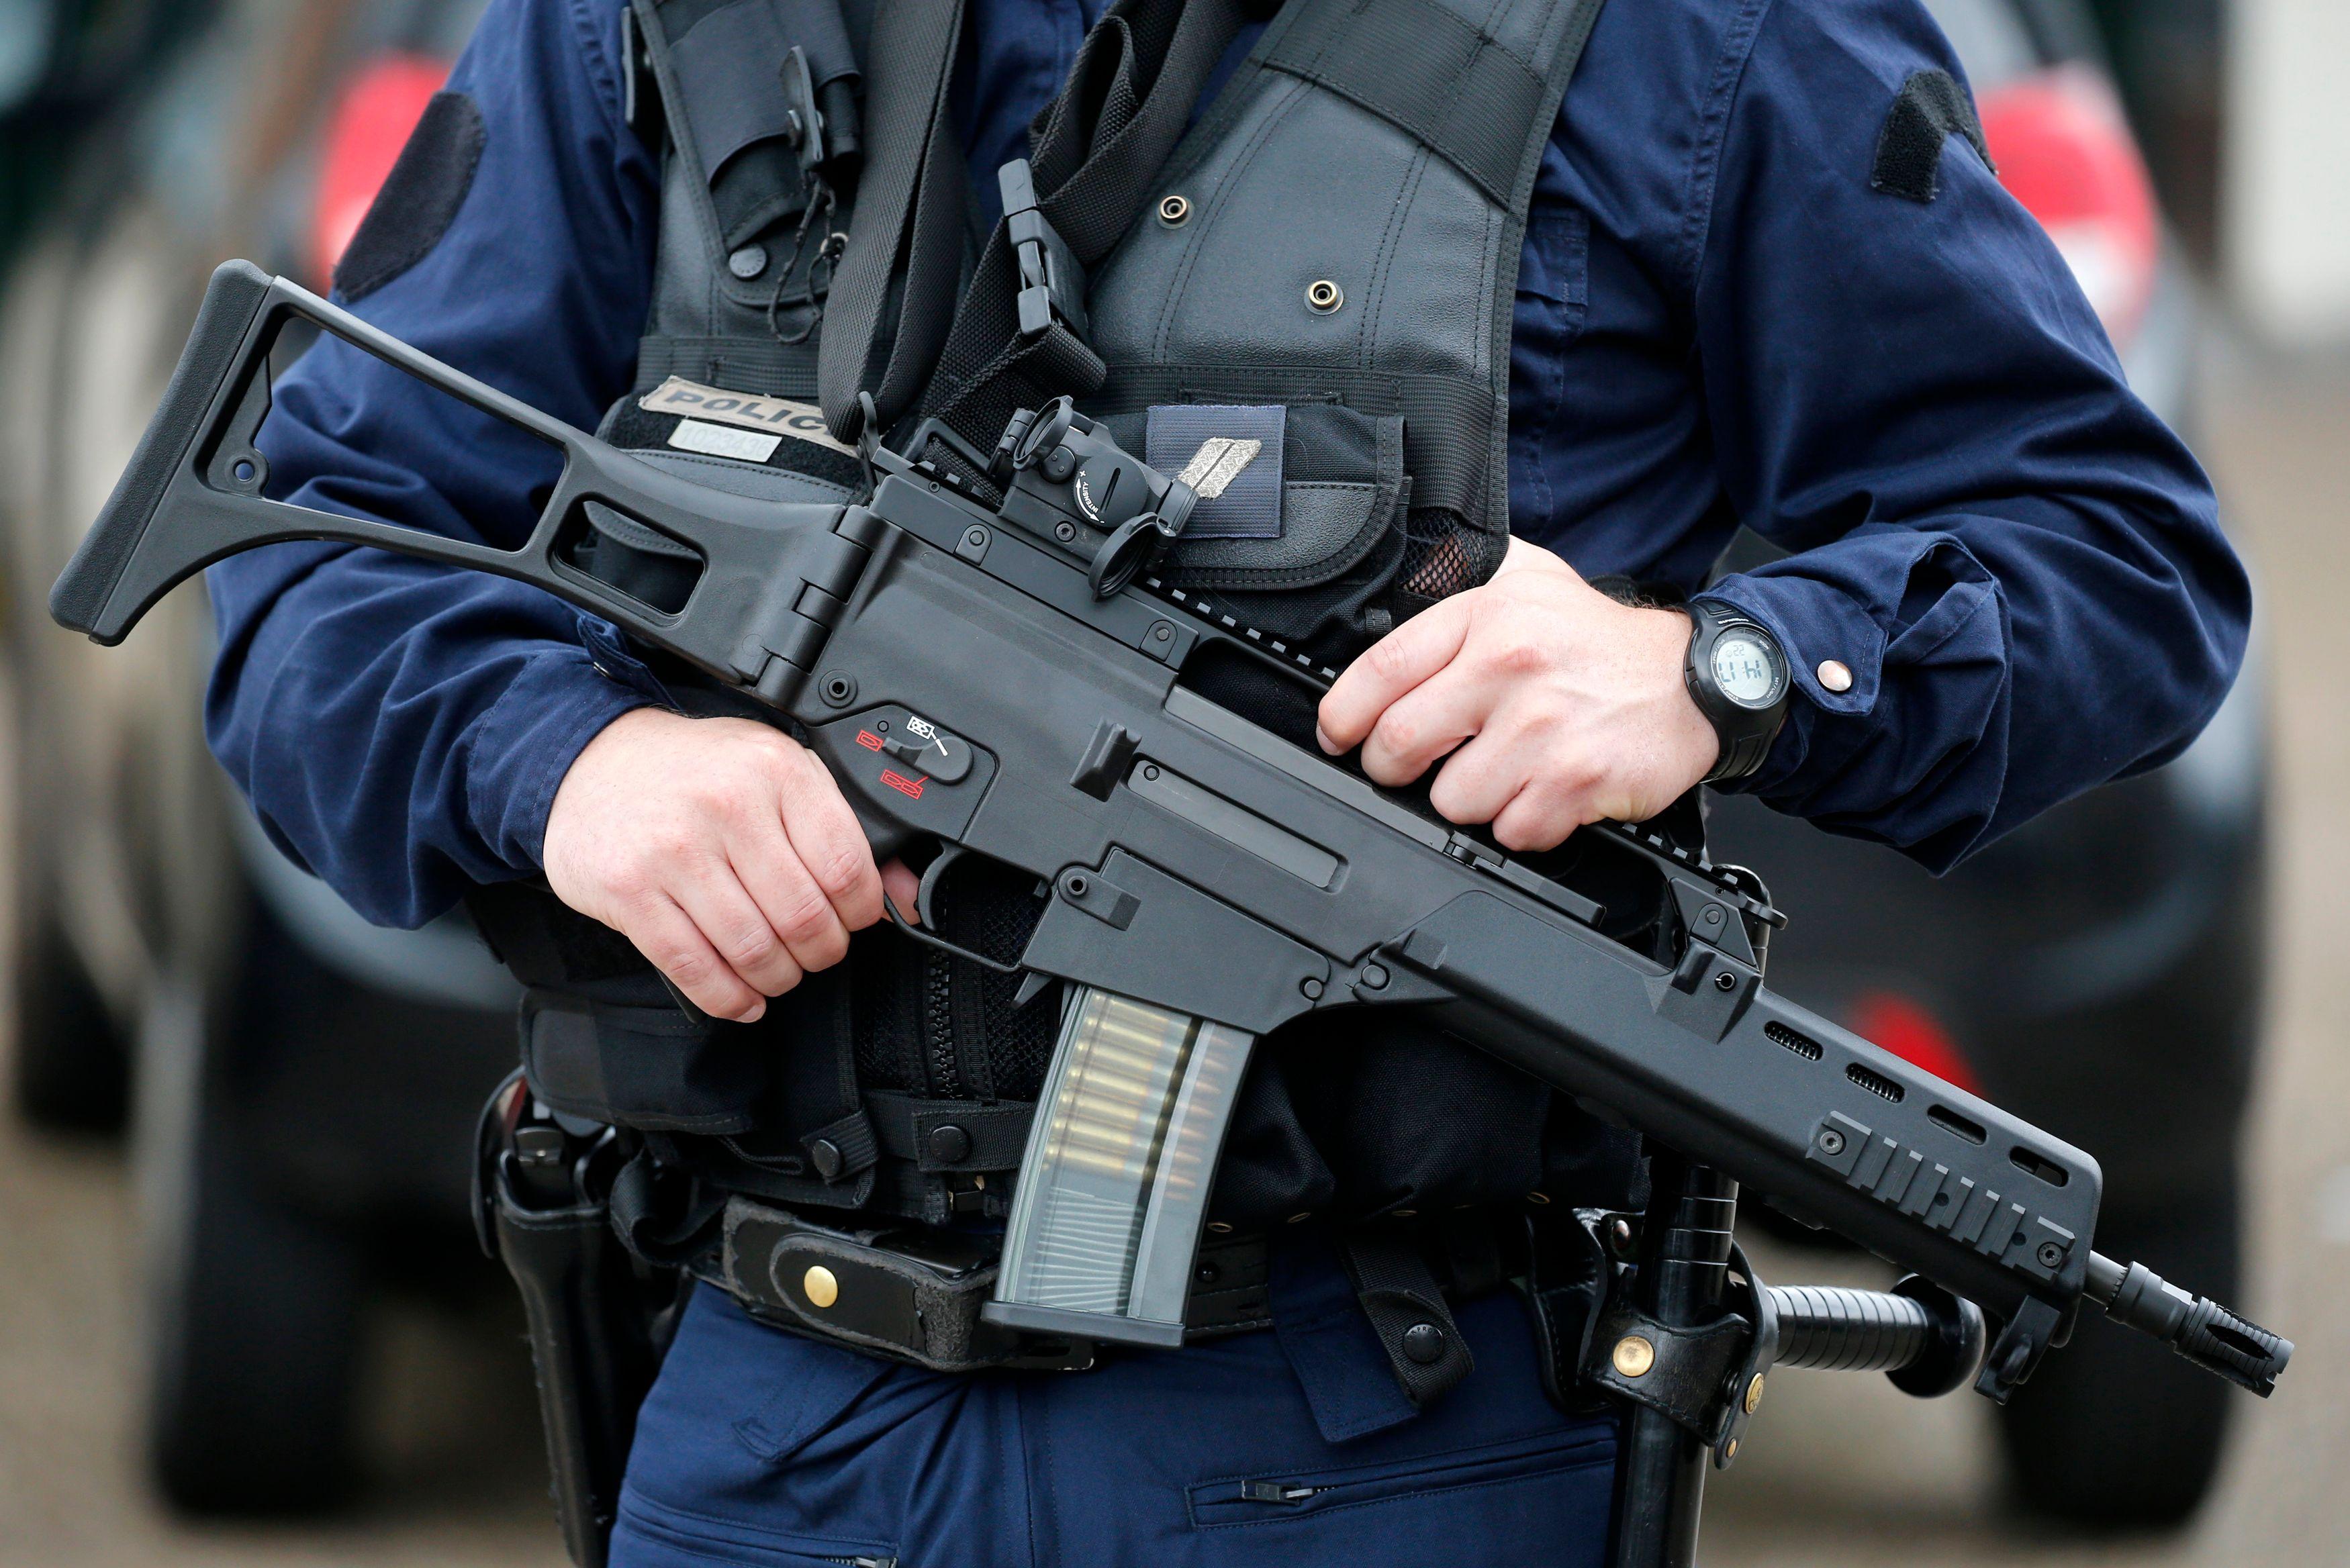 Saint-Etienne-du-Rouvray et enchaînement des attentats : quelle part de mimétisme chez des individus désaxés, quelle part de succès de la stratégie de l'Etat Islamique ?